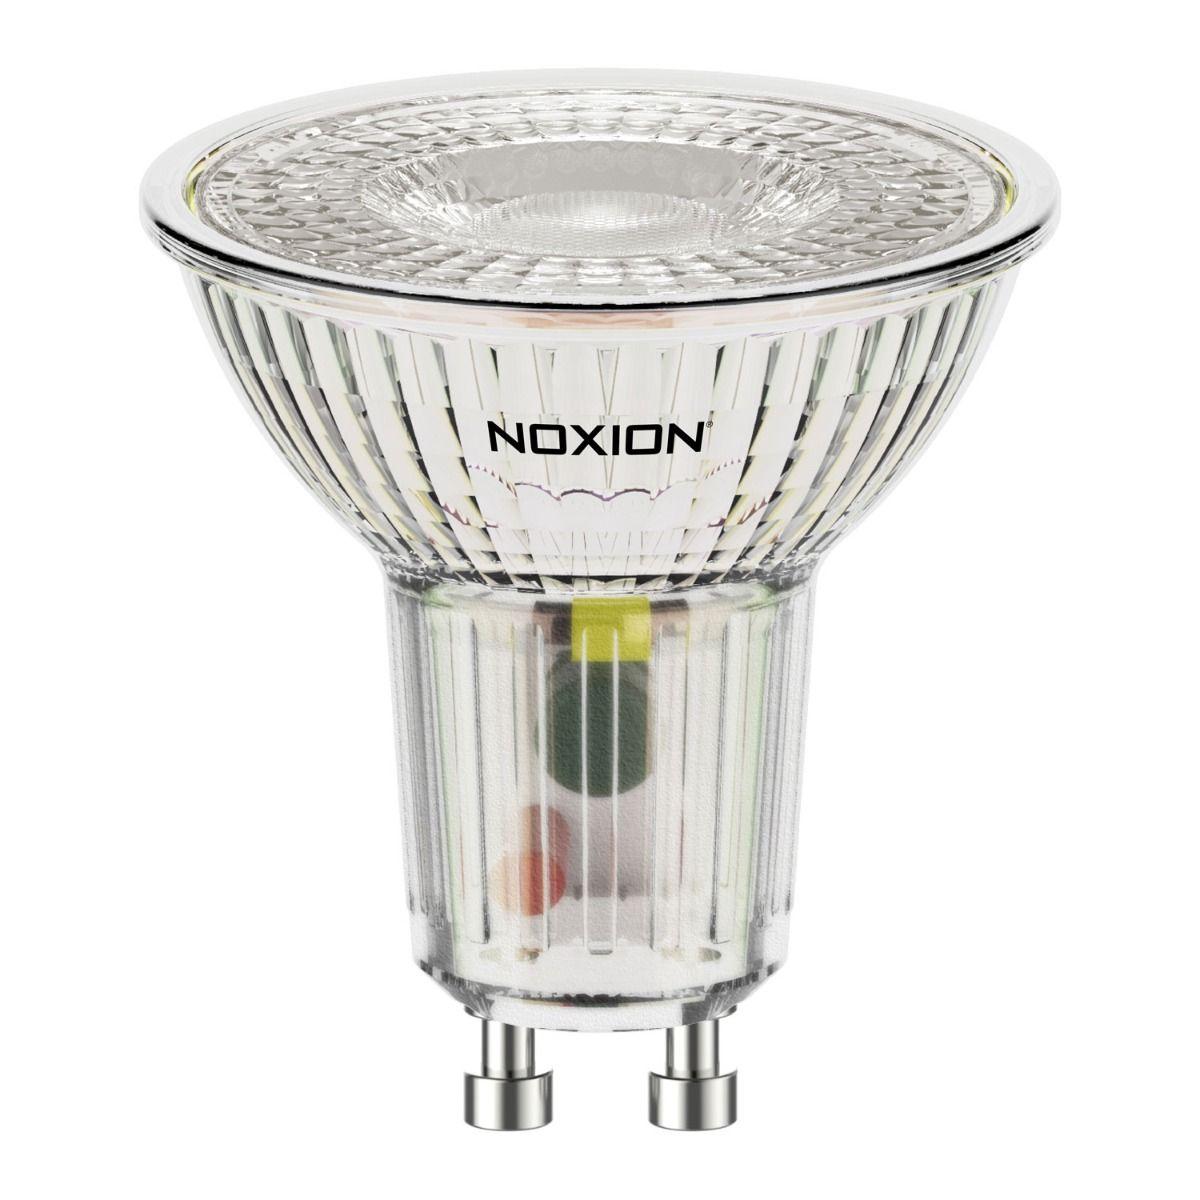 Noxion Spot LED GU10 4W 827 36D 390lm | Blanc Très Chaud - Substitut 50W